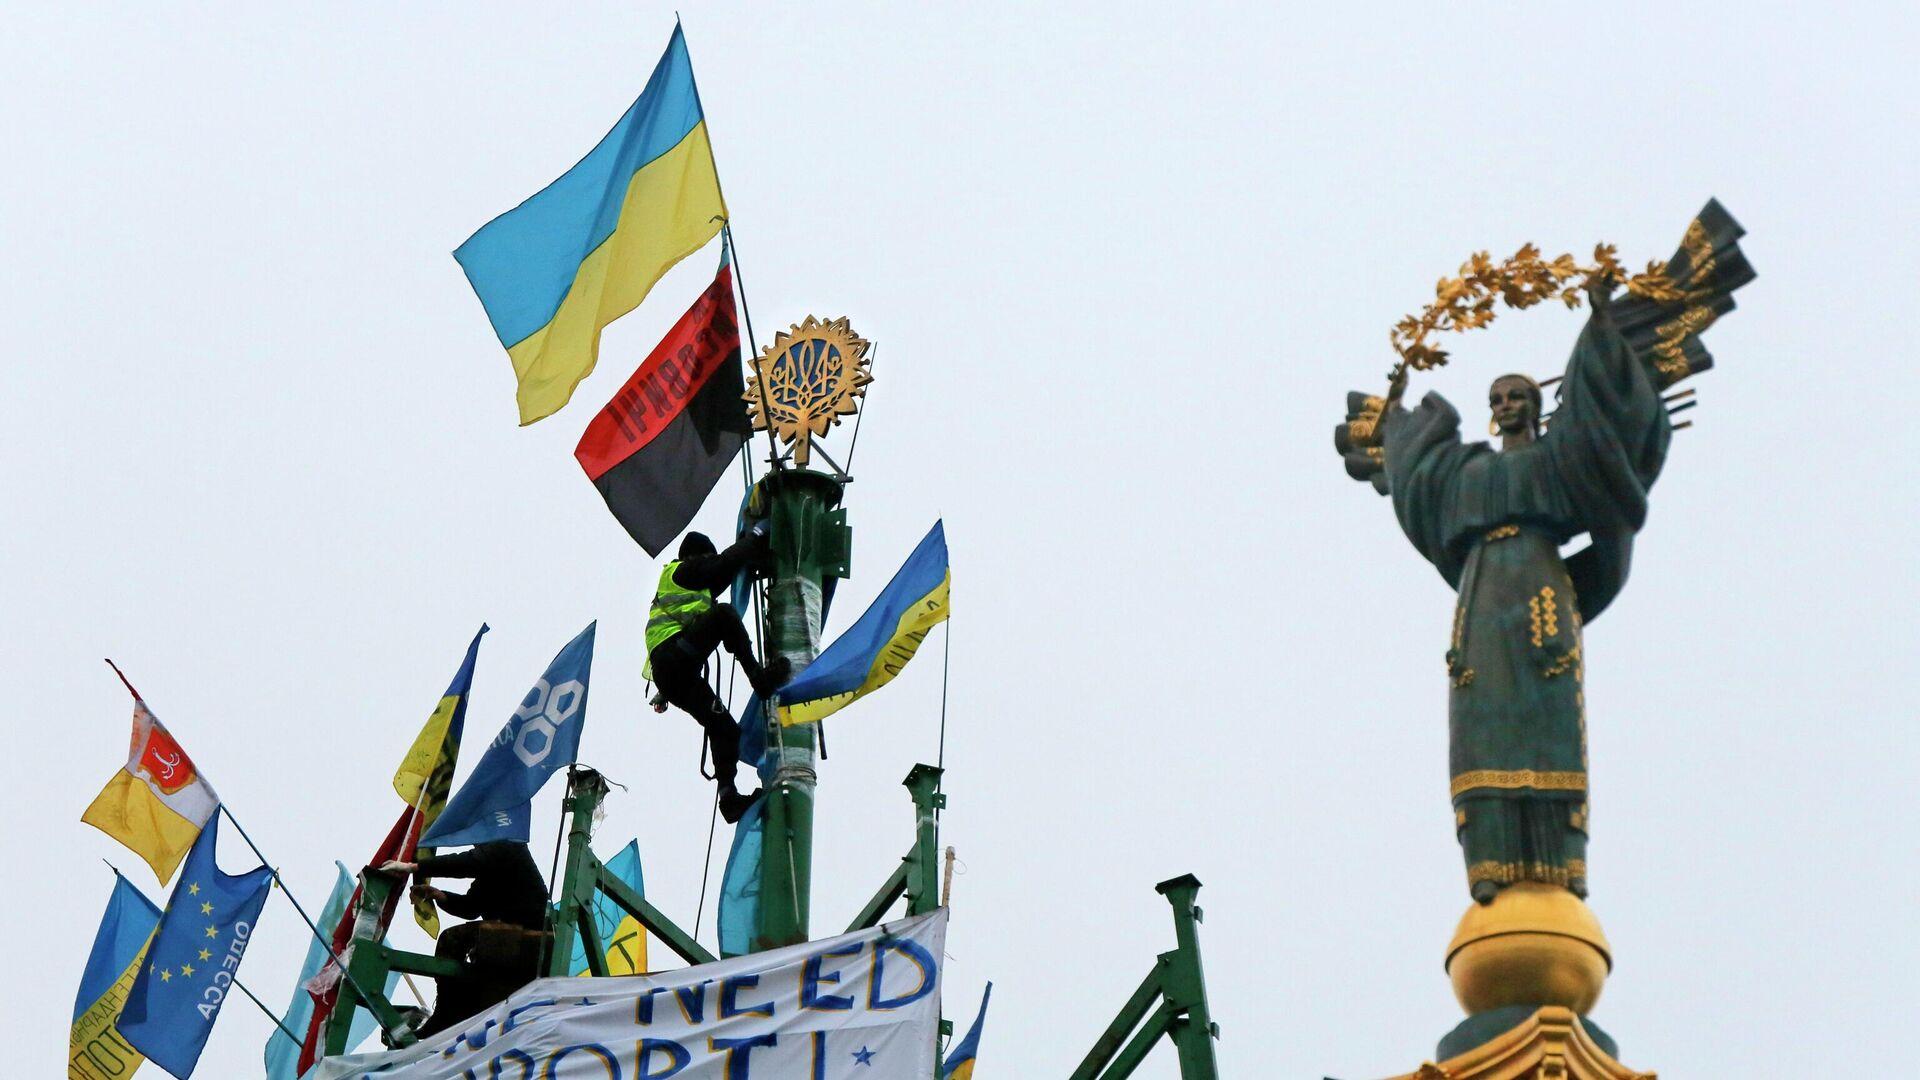 Активист проевропейского союза укрепляет украинский герб и флаг на металлической основе разрушенной елки во время митинга на площади Независимости в Киеве - РИА Новости, 1920, 15.09.2021